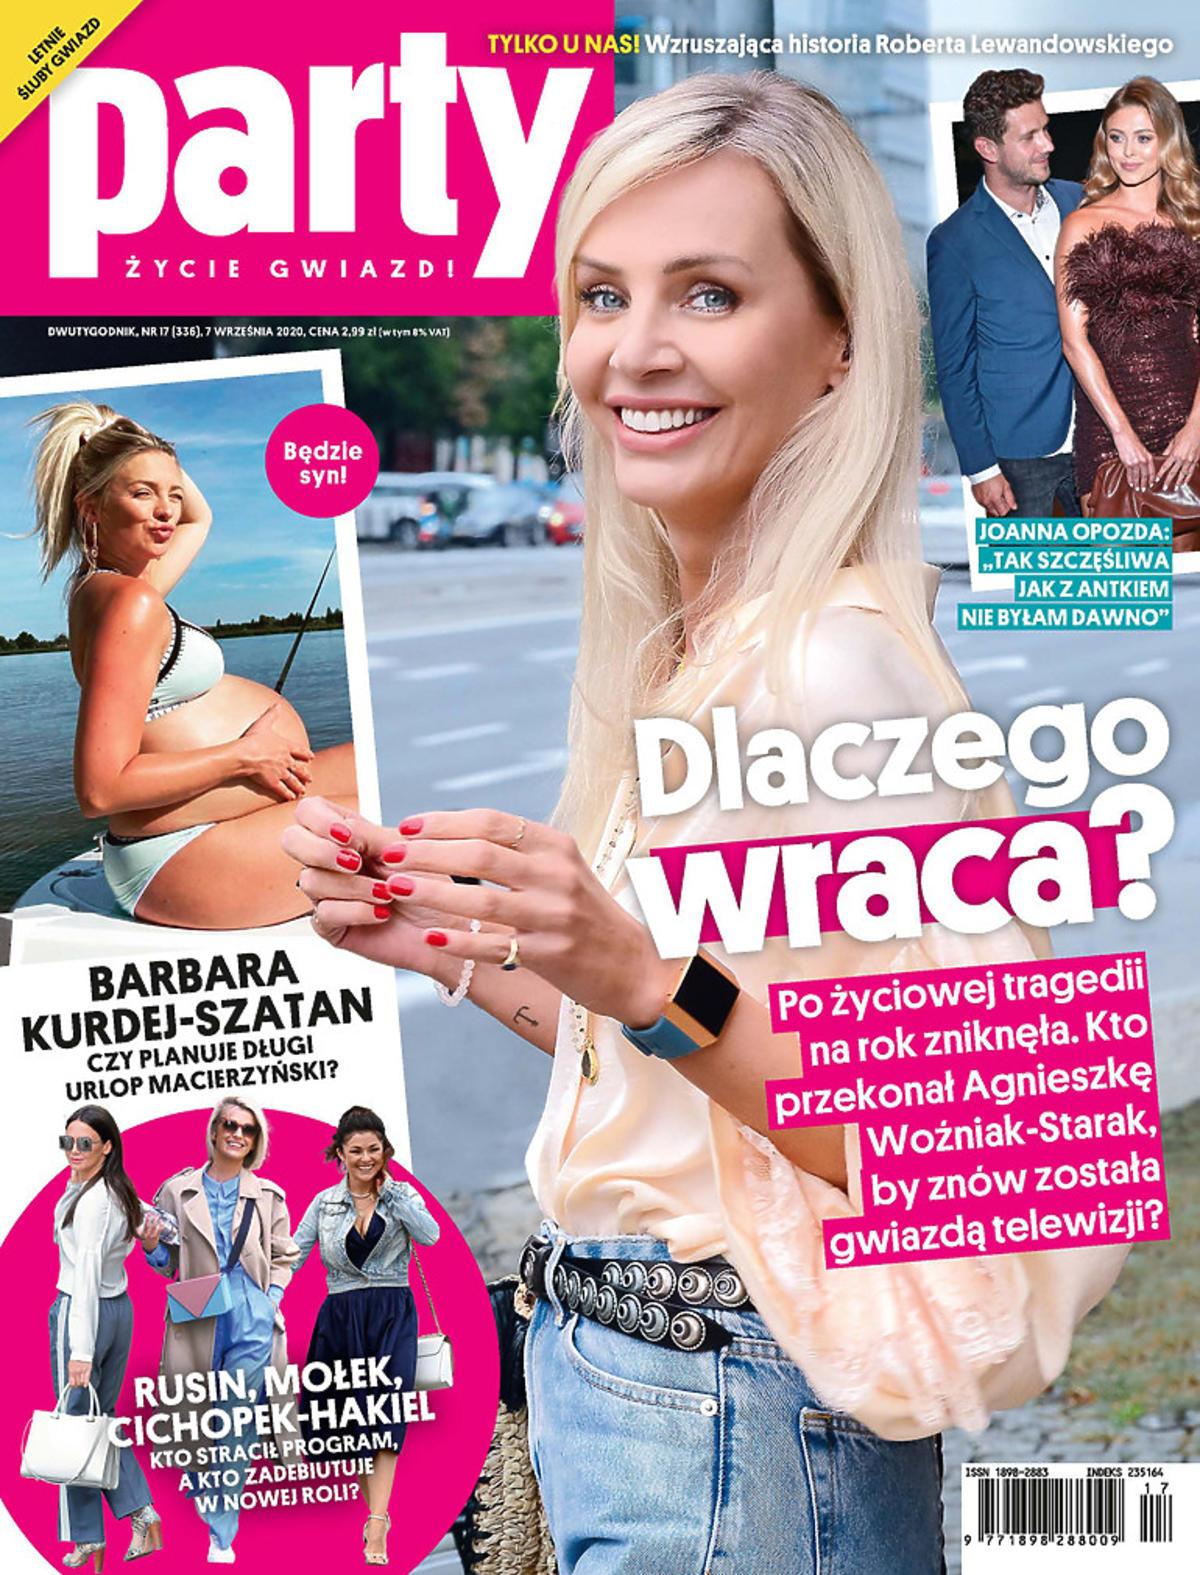 Agnieszka Woźniak-Starak na okładce